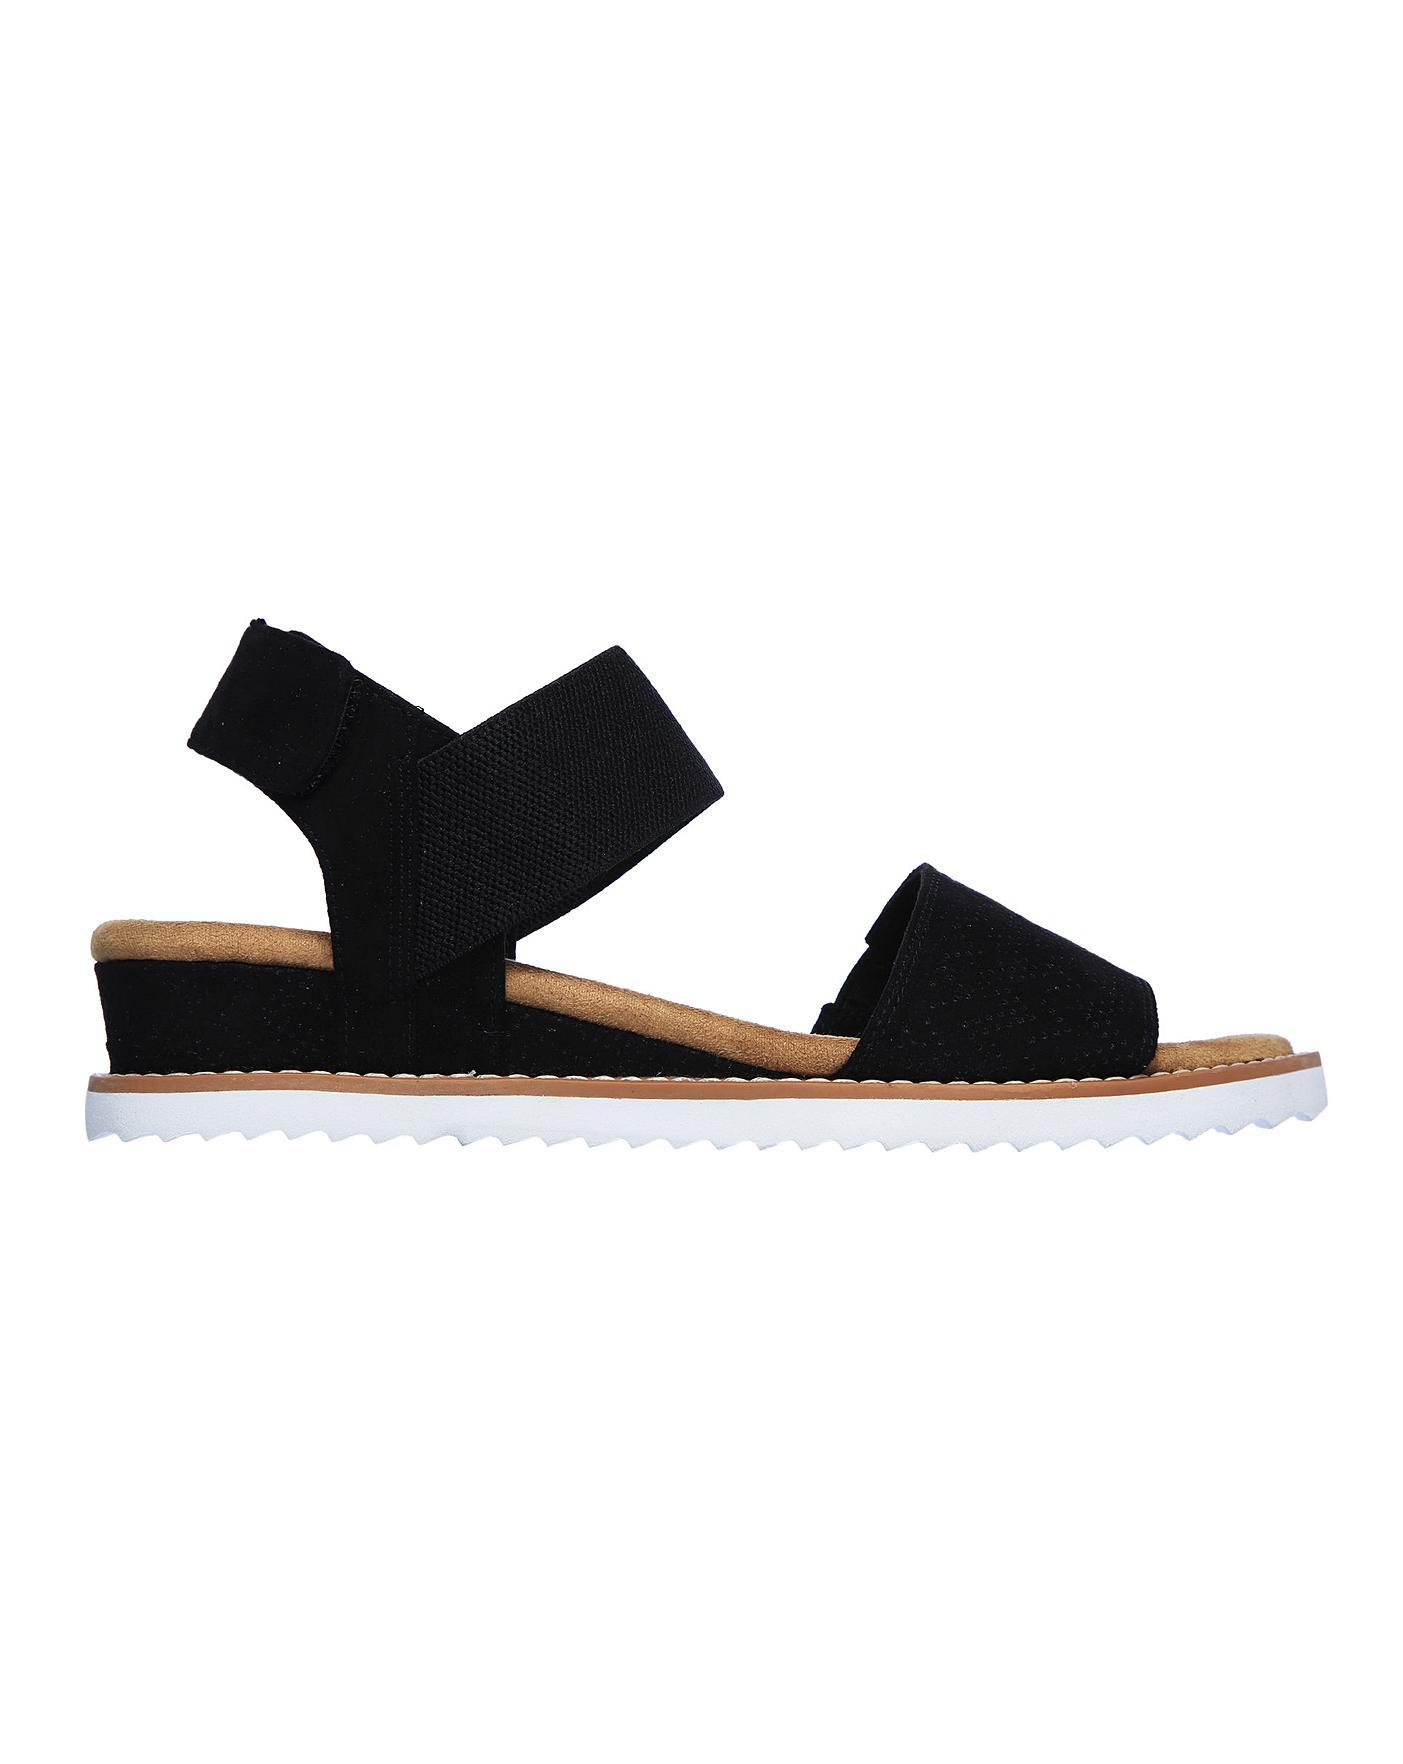 Skechers Flat Sandals   J D Williams